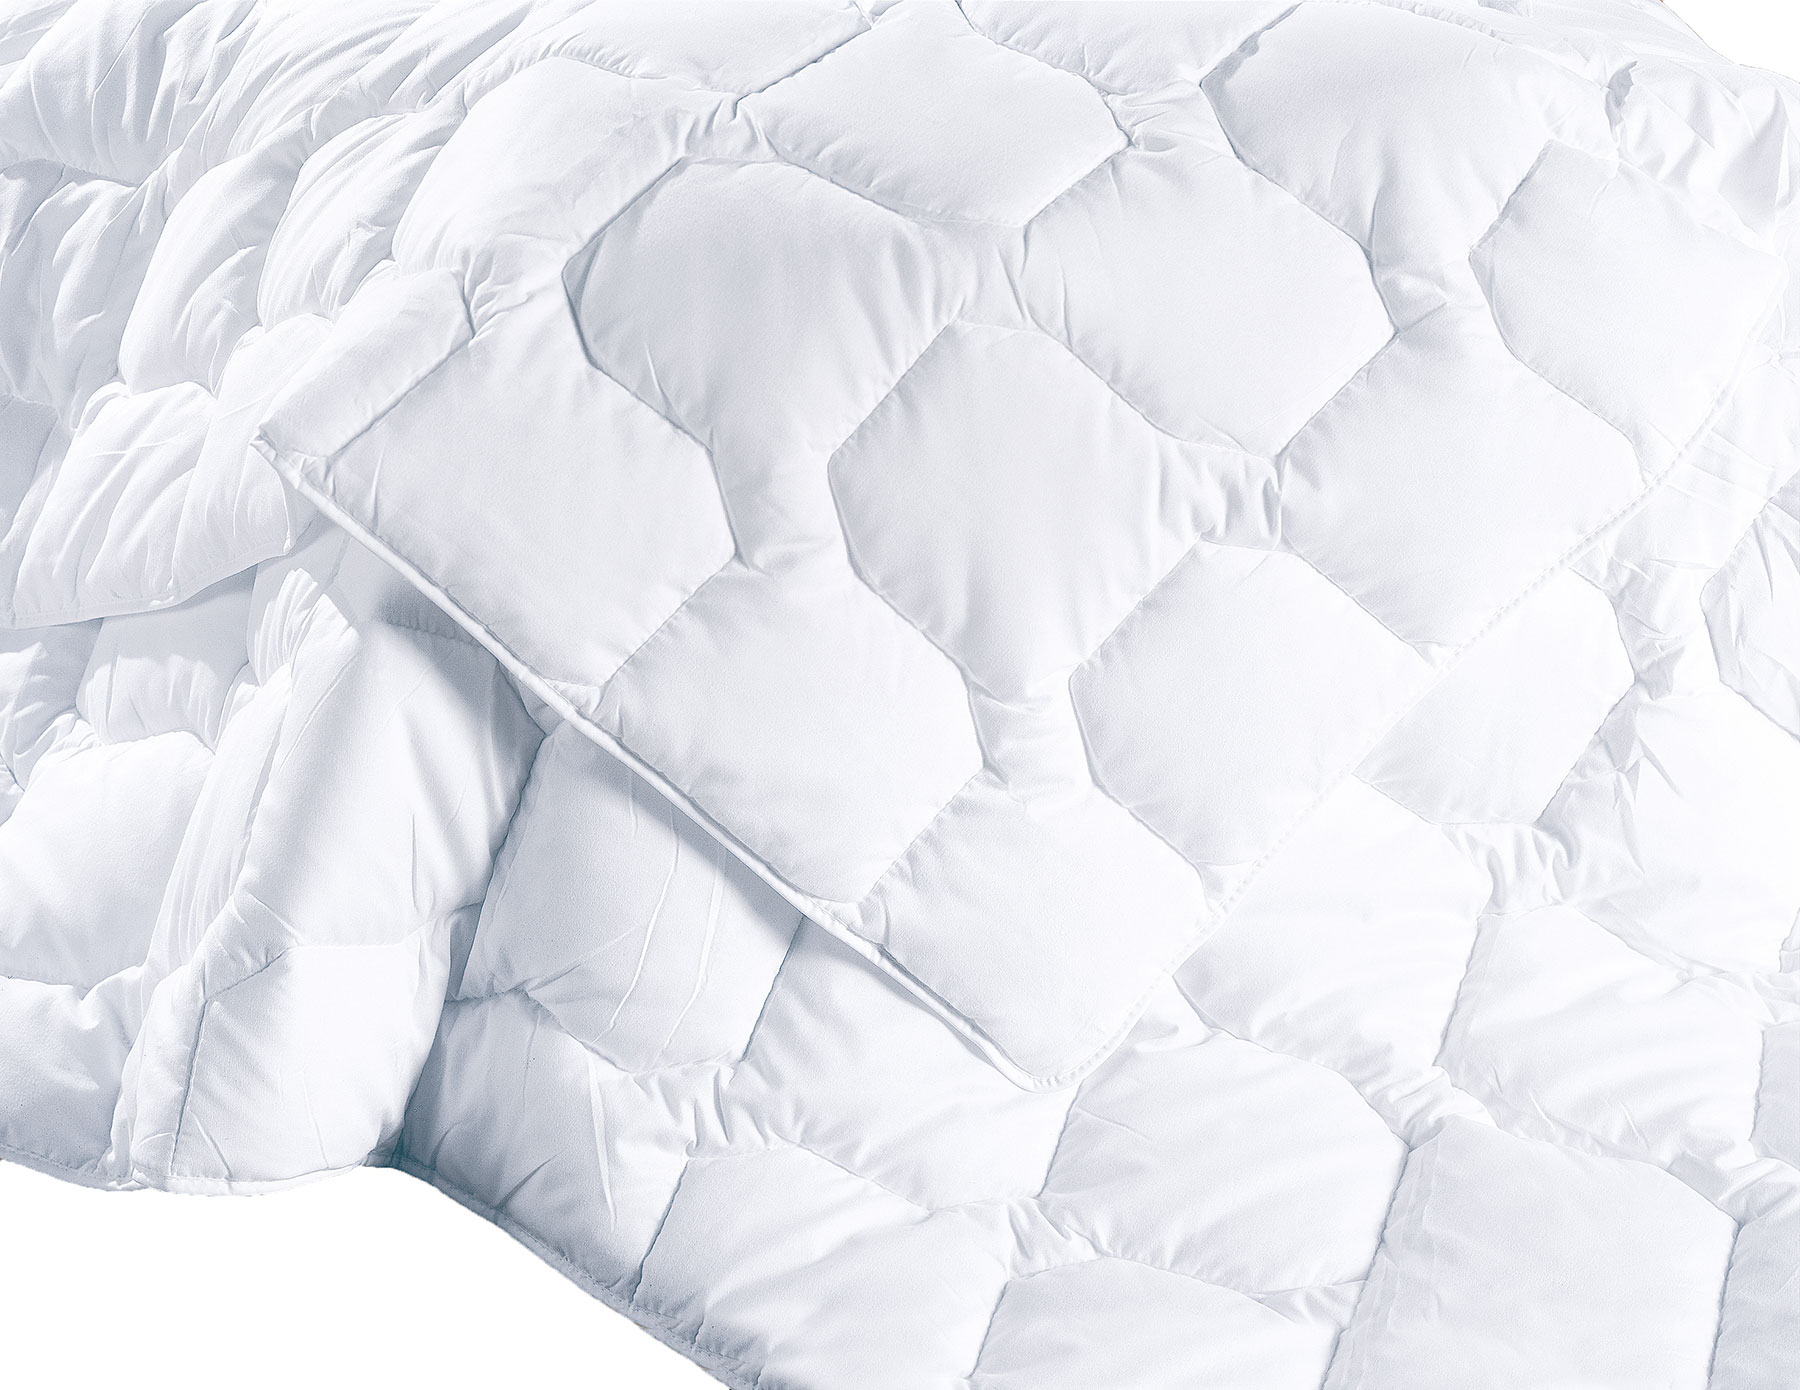 Entzückend Steppbett Sammlung Von Atmungsaktive-sommer-steppdecke-bettdecke-steppbett-einziehdecke